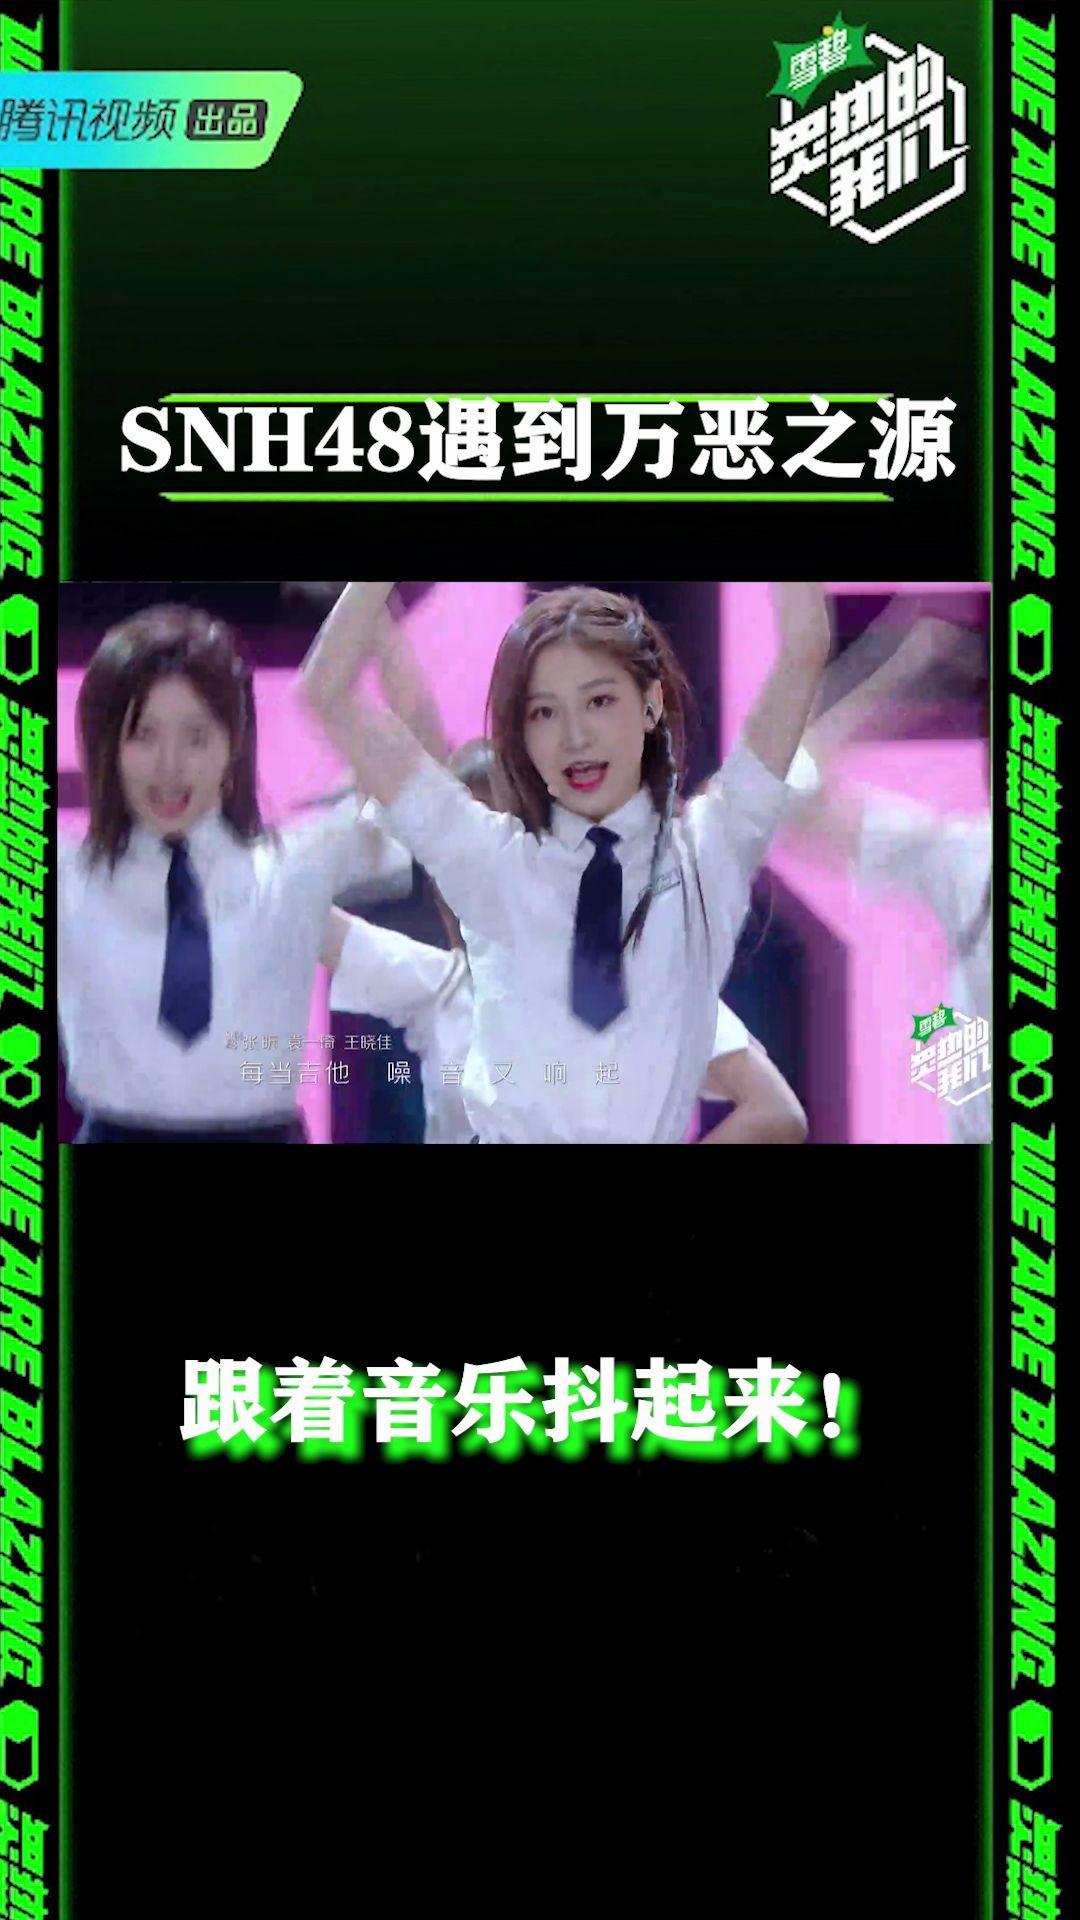 《炙热的我们》SNH48《你要跳舞吗?》遇到这魔性